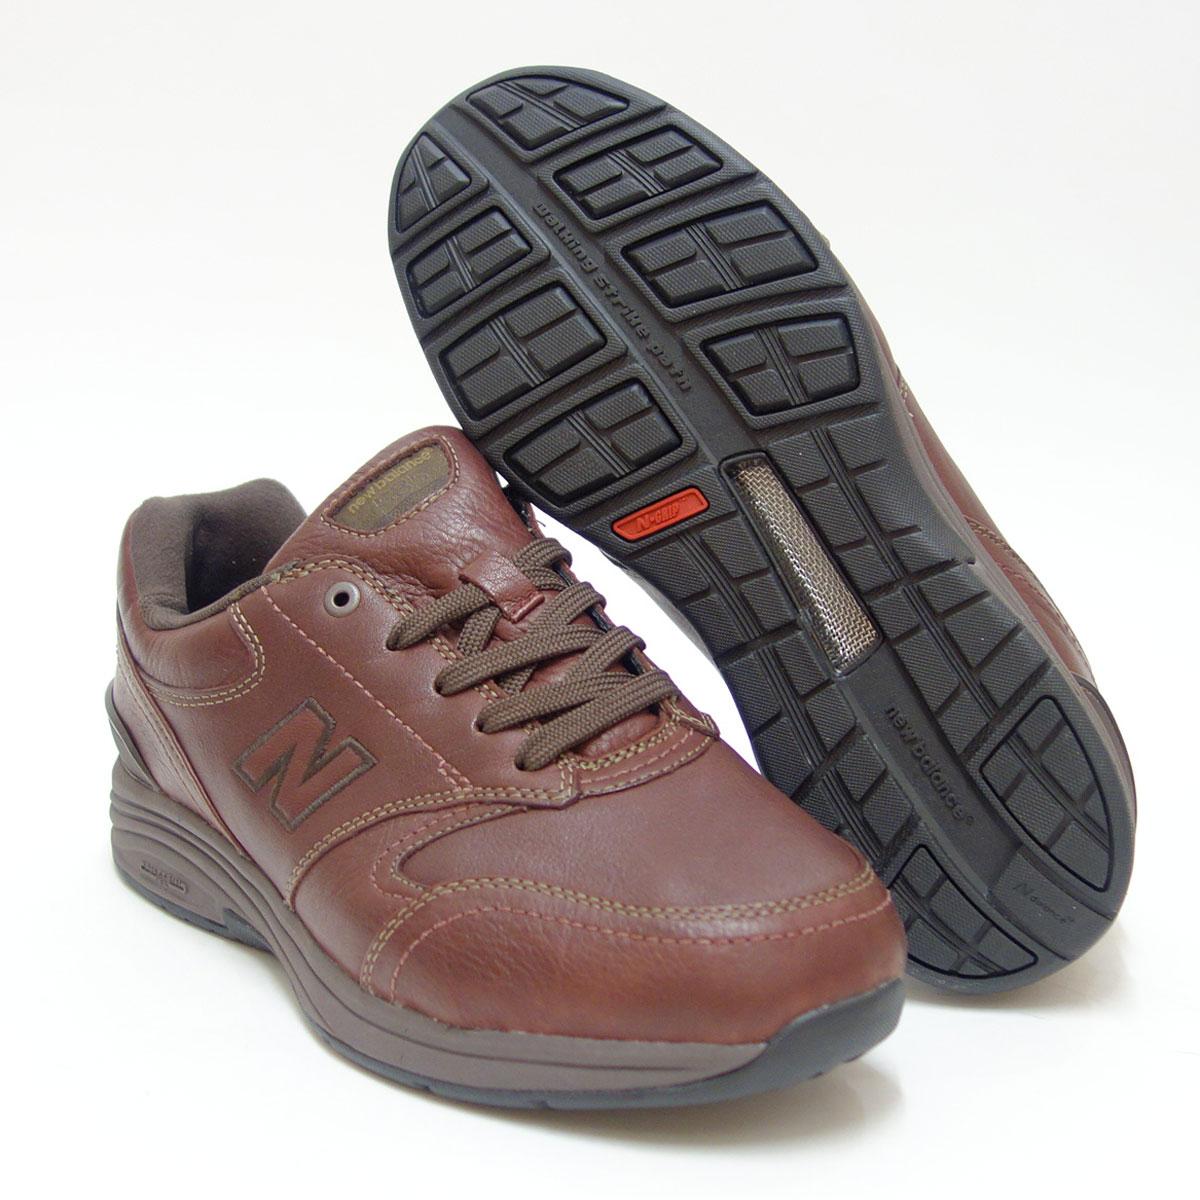 超ゆったりウォーキングシューズnew balance ニューバランス MW585 ウッドブラウン(メンズ)6E幅旅行などに最適、天然皮革・防水仕様「靴」